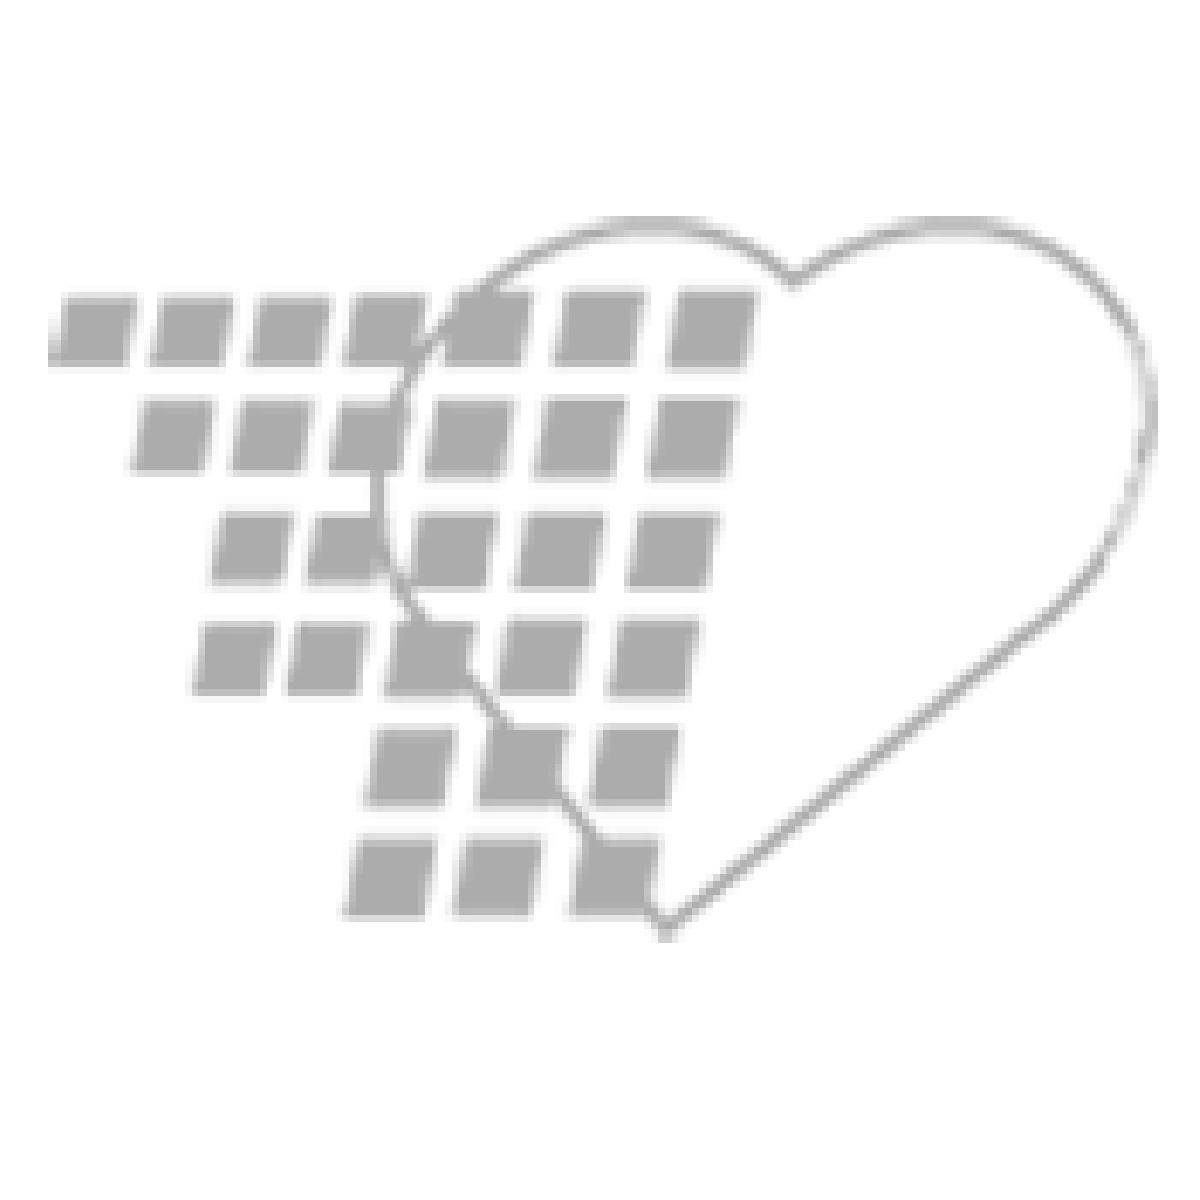 06-93-2007 - Demo Dose® Optc drops 10mL